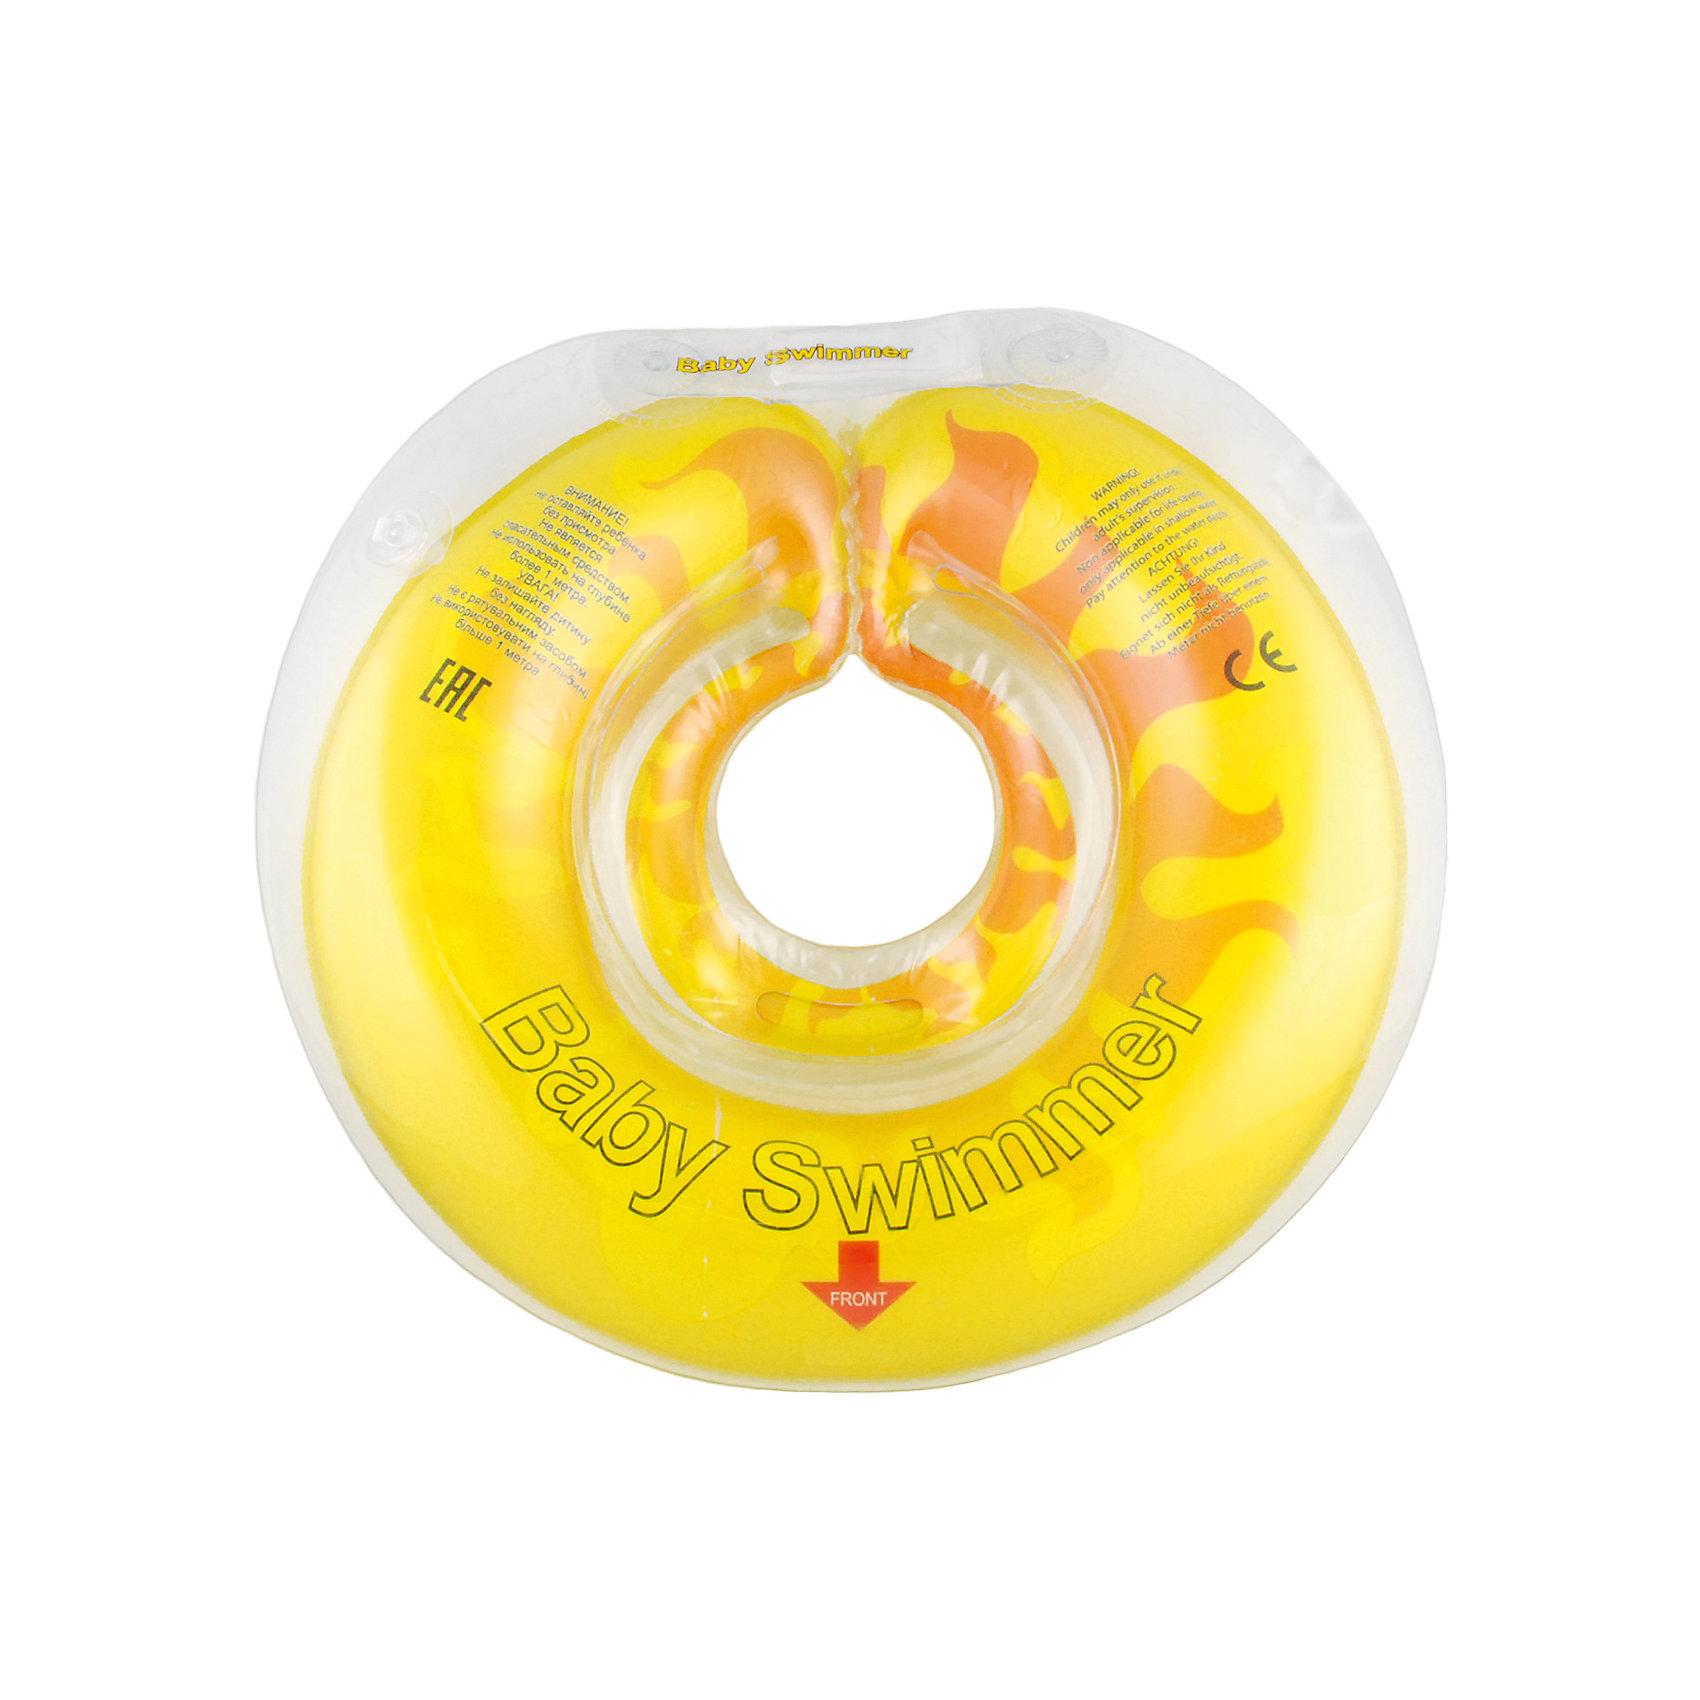 Круг для купания Солнышко BabySwimmer, желтый (Baby Swimmer)